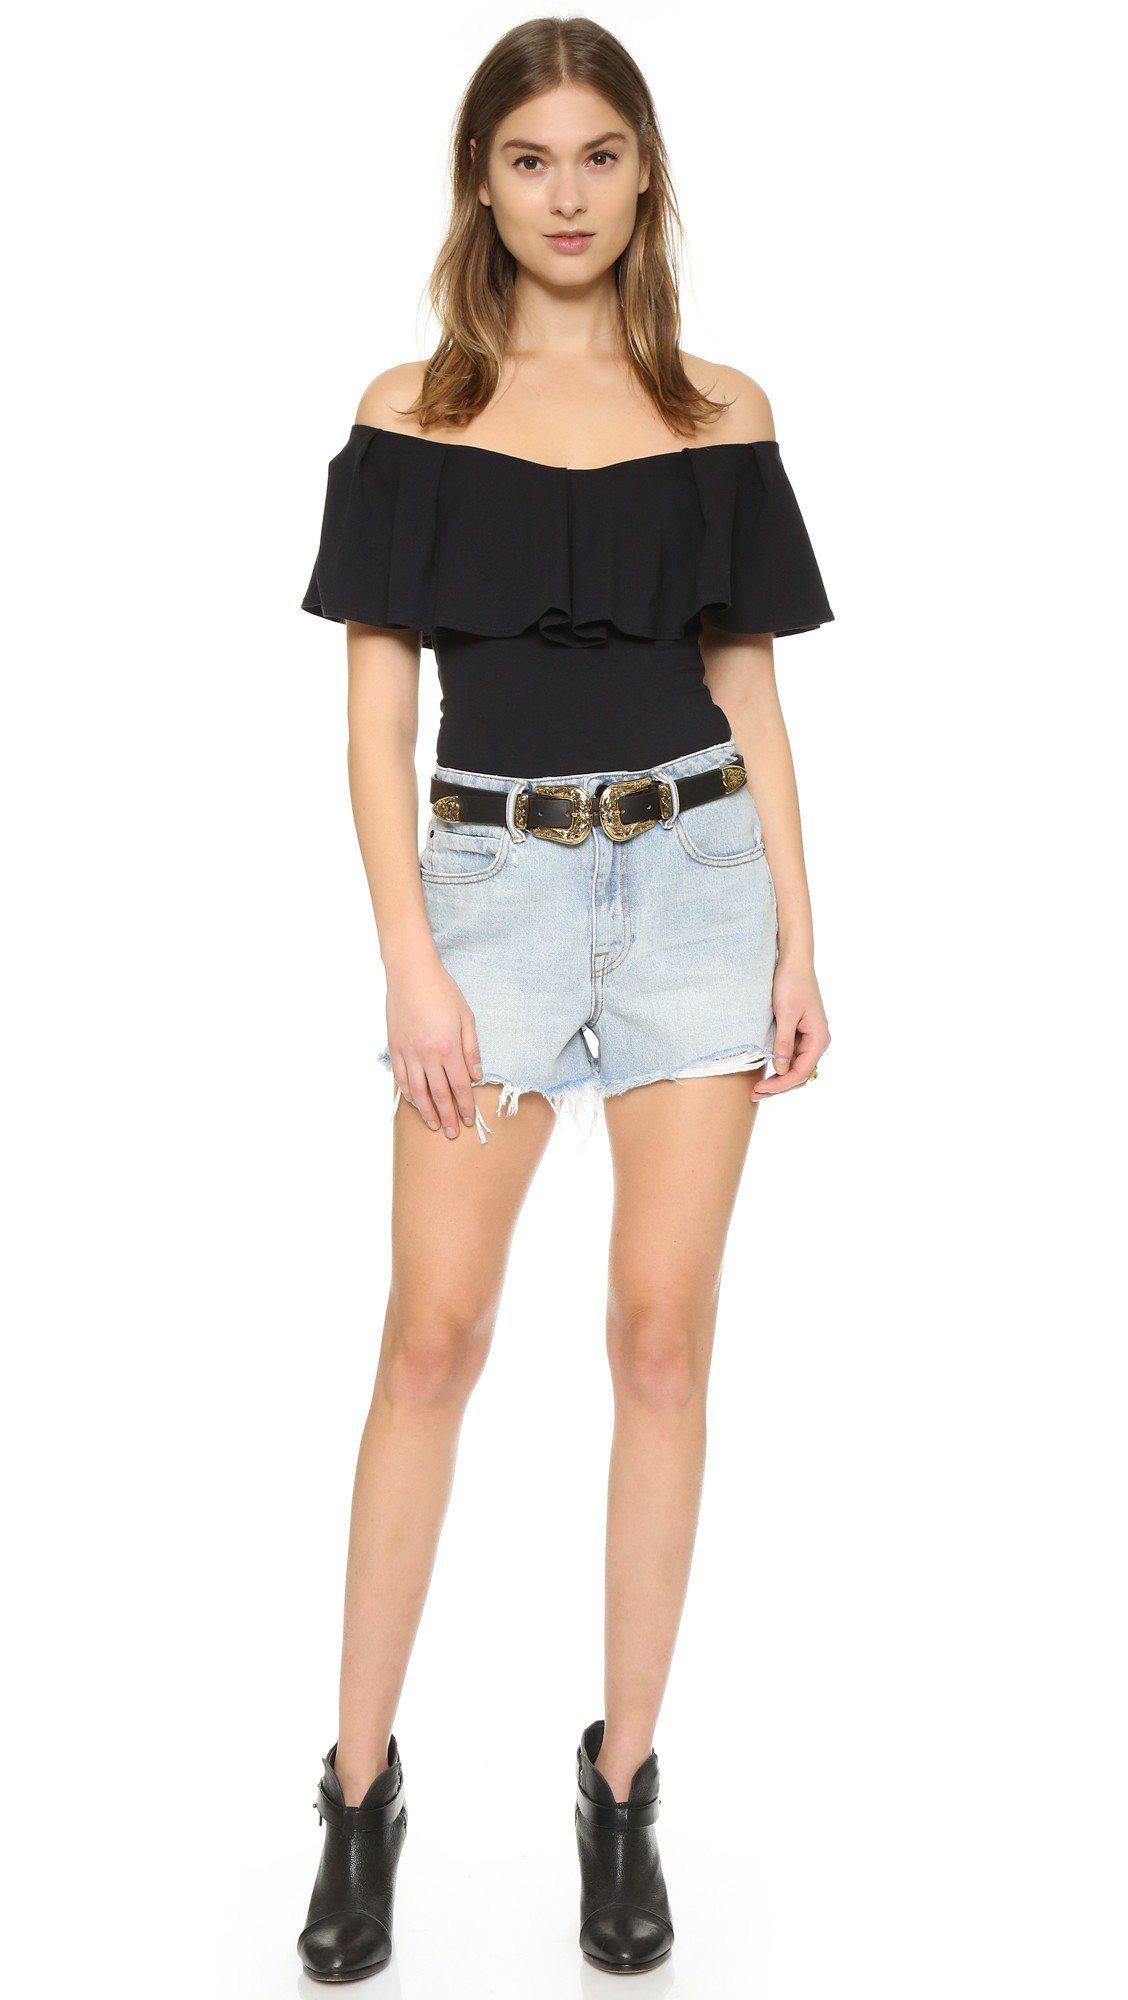 有設計感的腰帶,讓牛仔短褲看起來既復古又前衛。圖/SHOPBOP提供